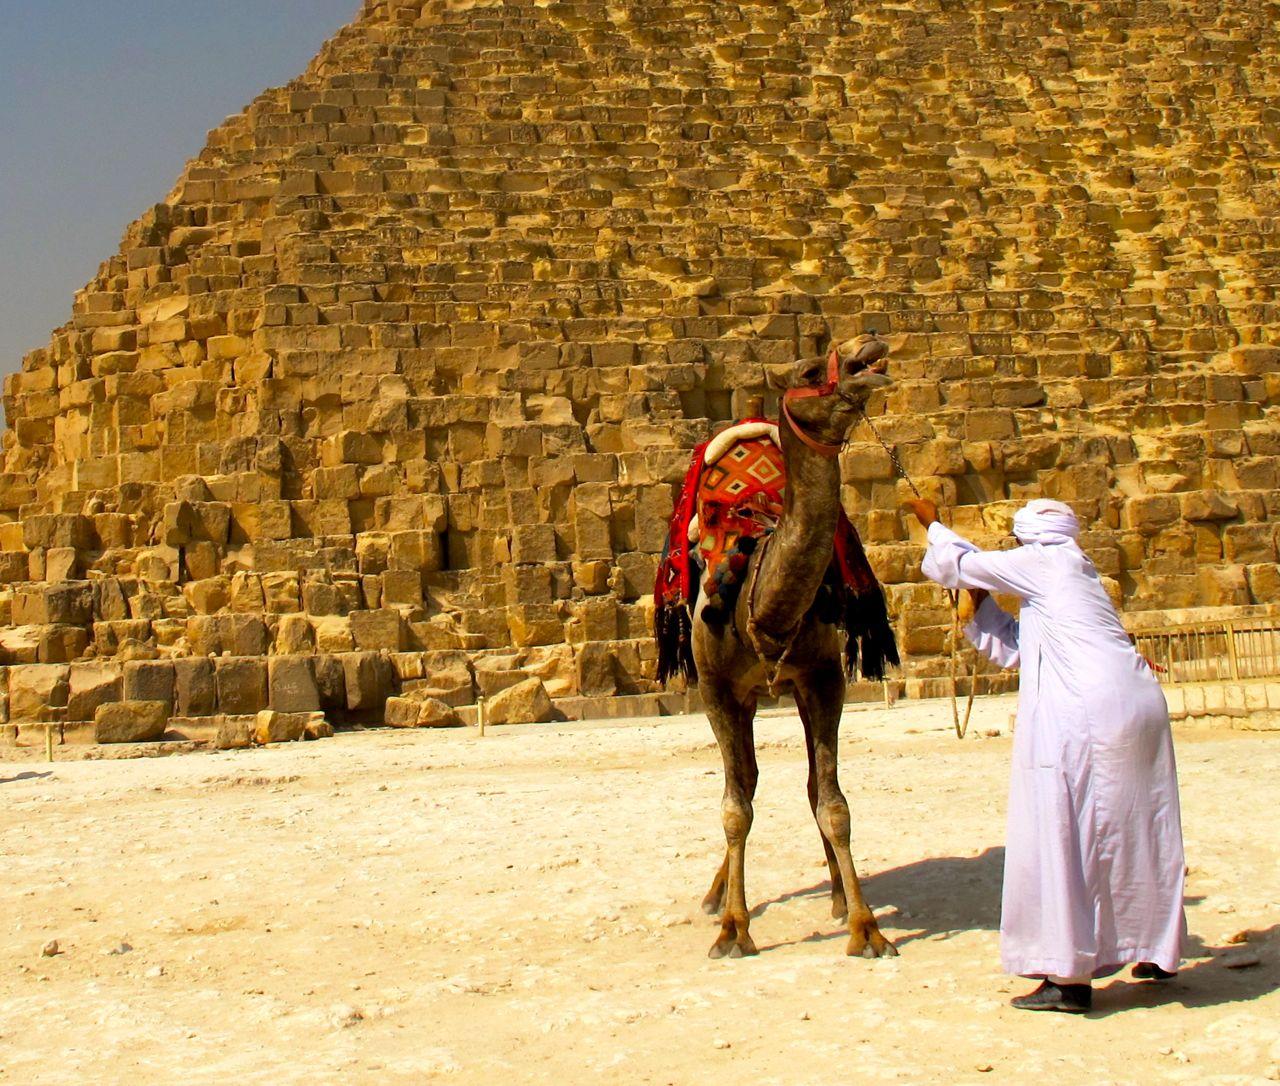 Camel Pyramid Egypt Giza